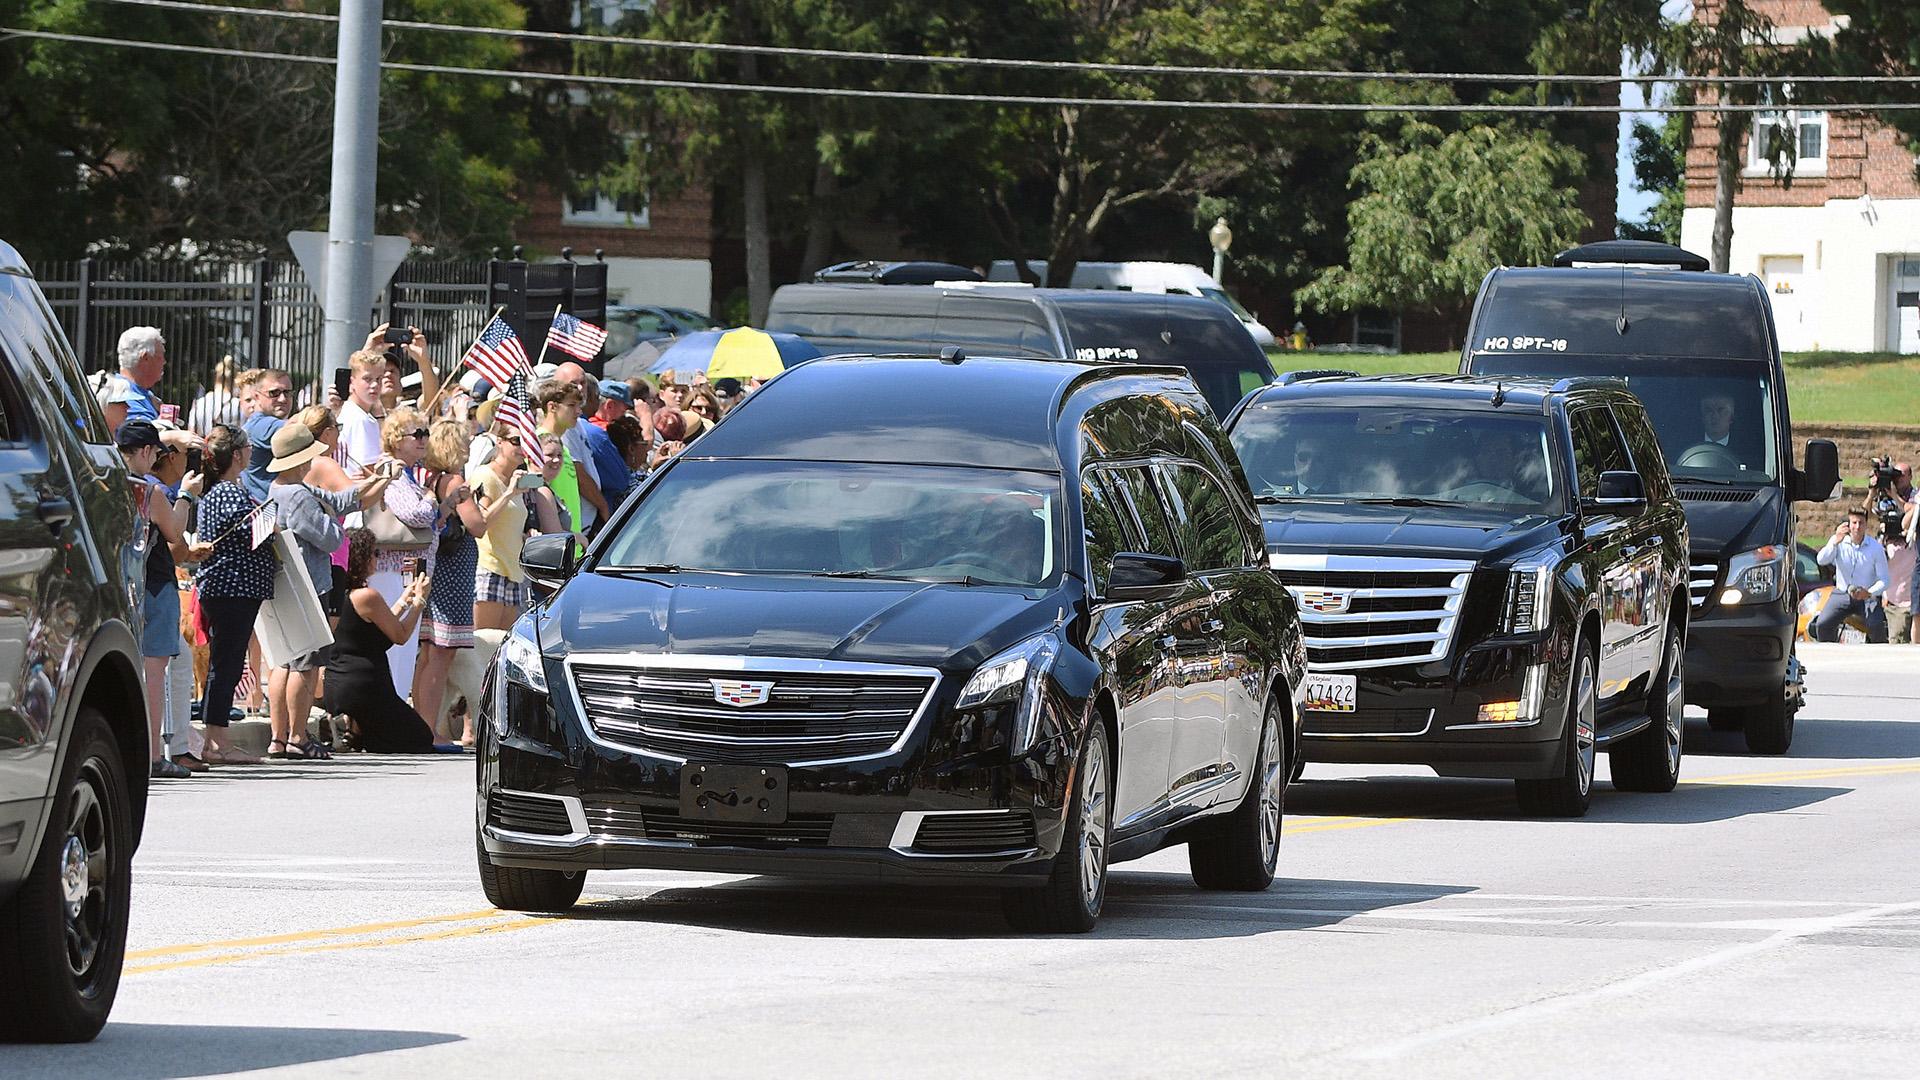 Así fue el arribo del cortejo fúnebre al entierro (REUTERS/Mary F. Calvert)